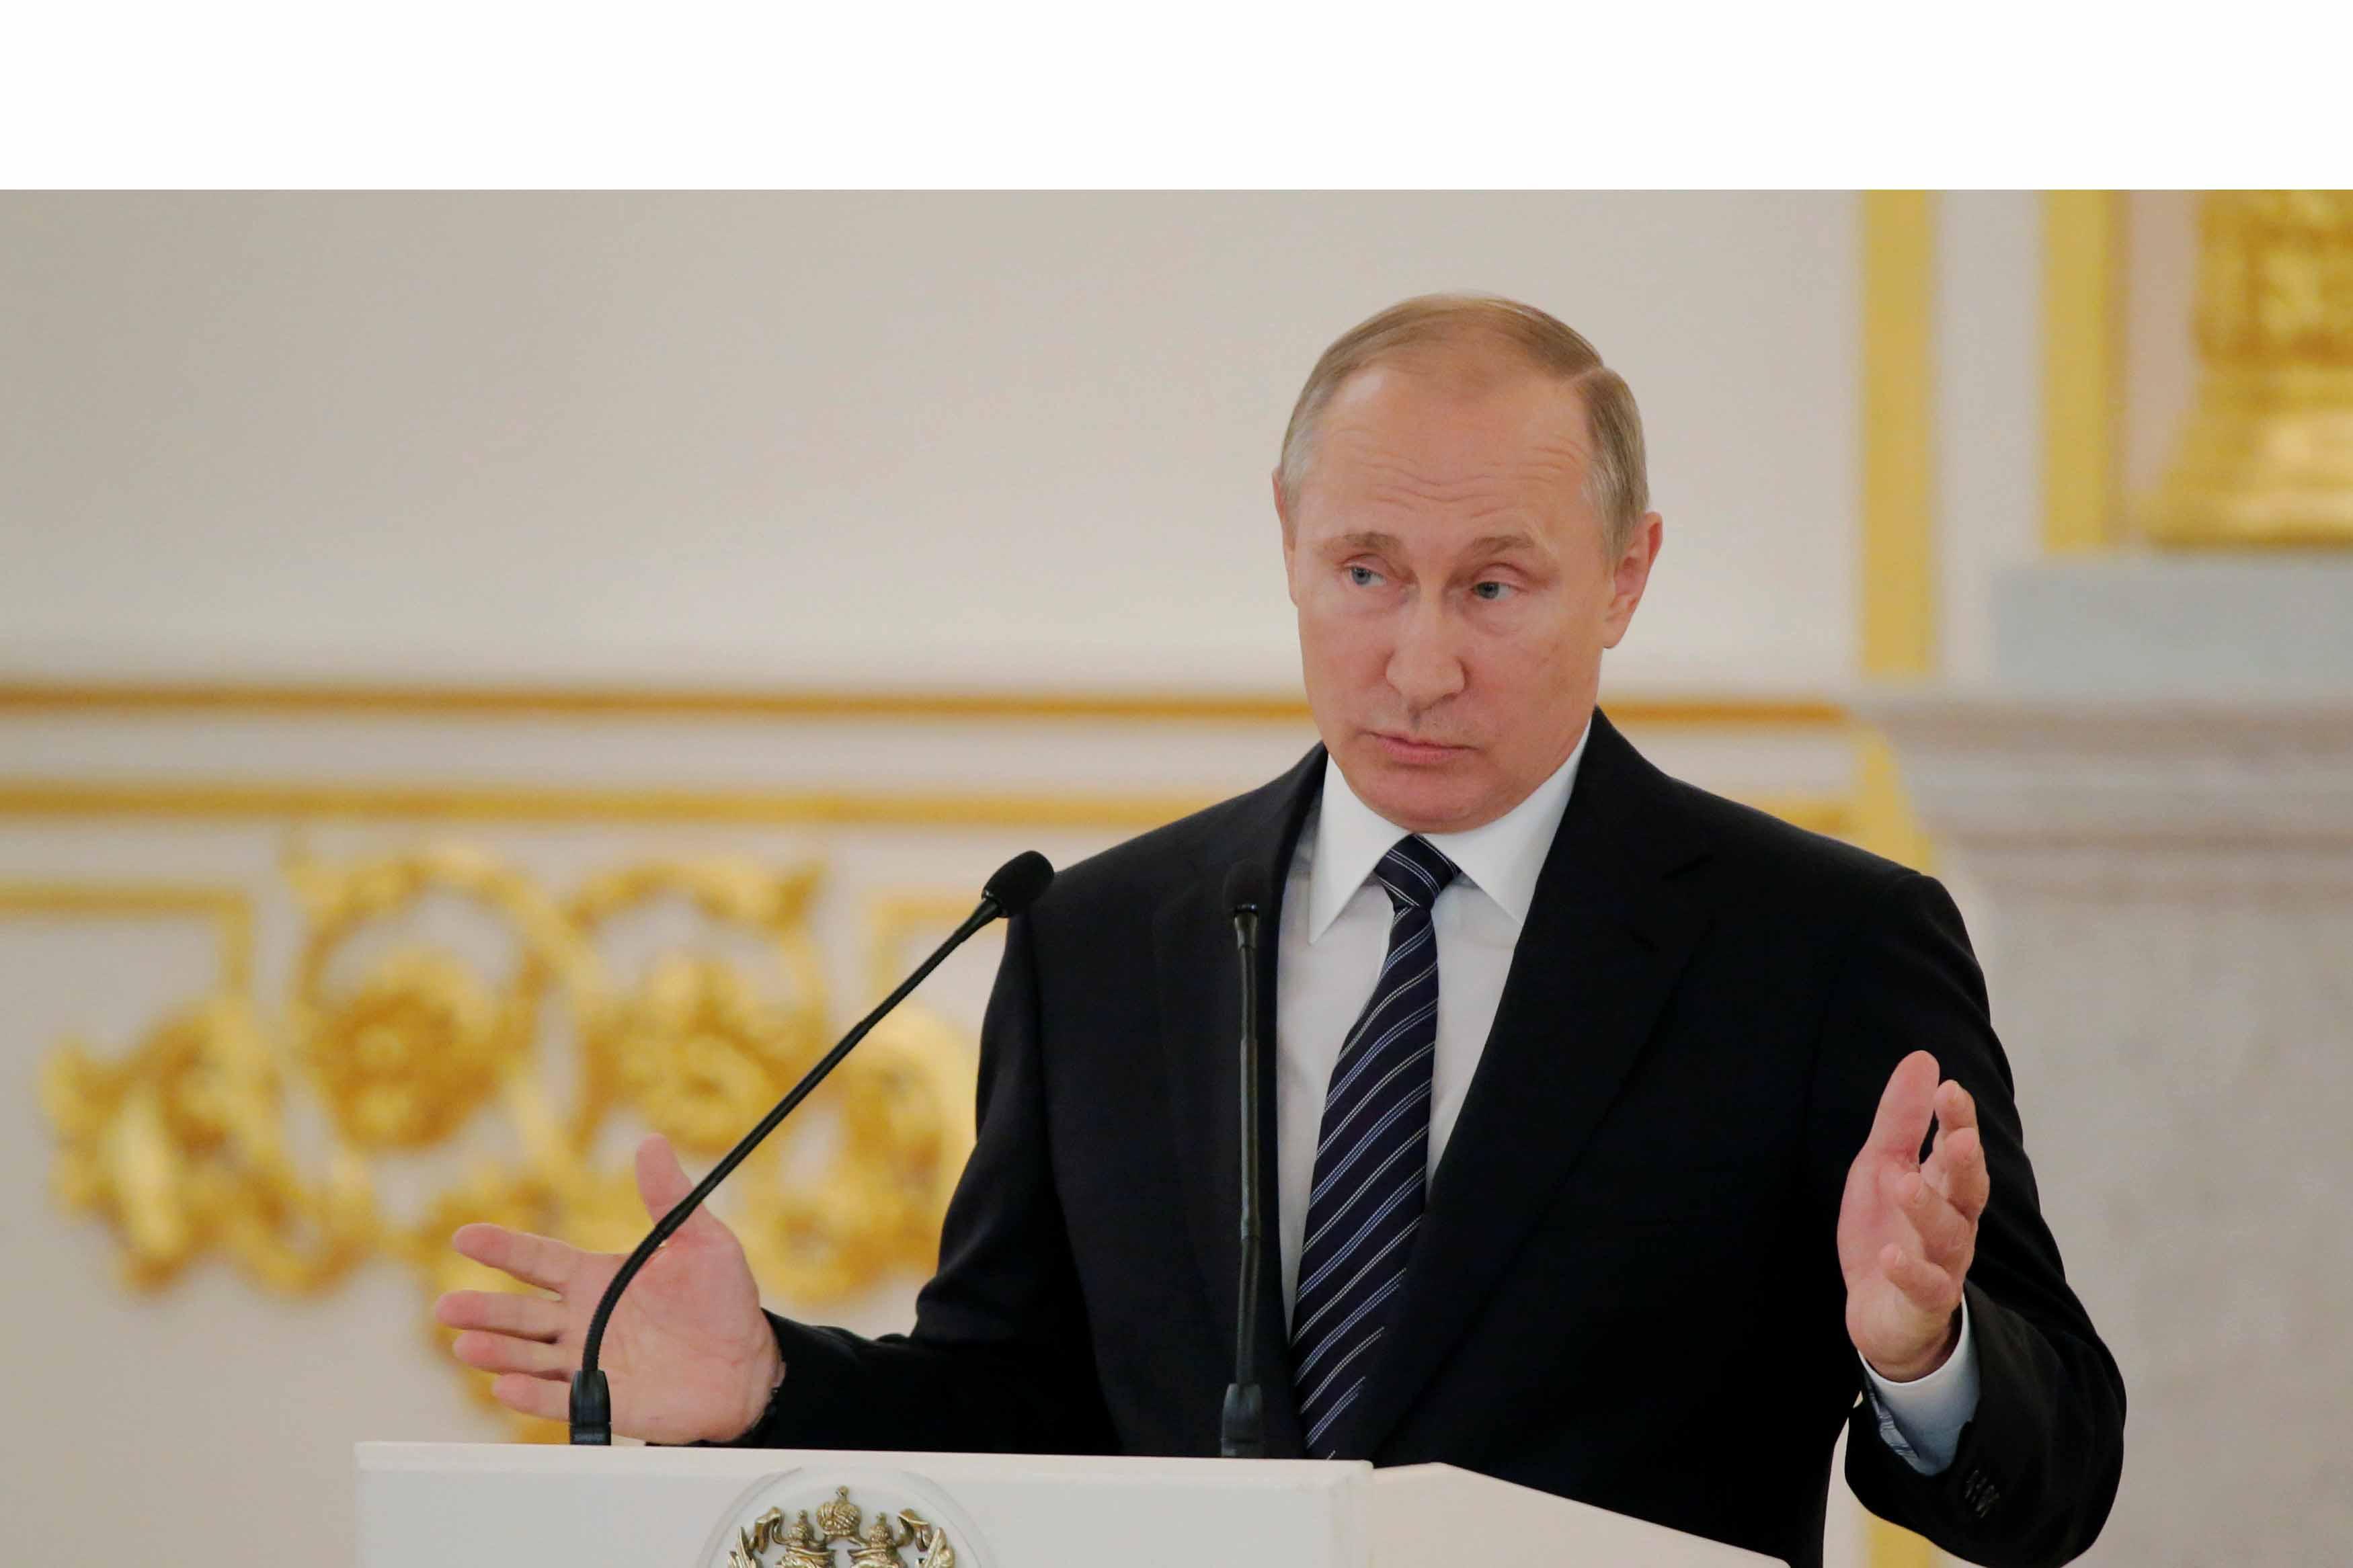 El presidente ruso, Vladimir Putin, considera posible que ambas naciones lleguen pronto a un acuerdo para cooperar en Siria